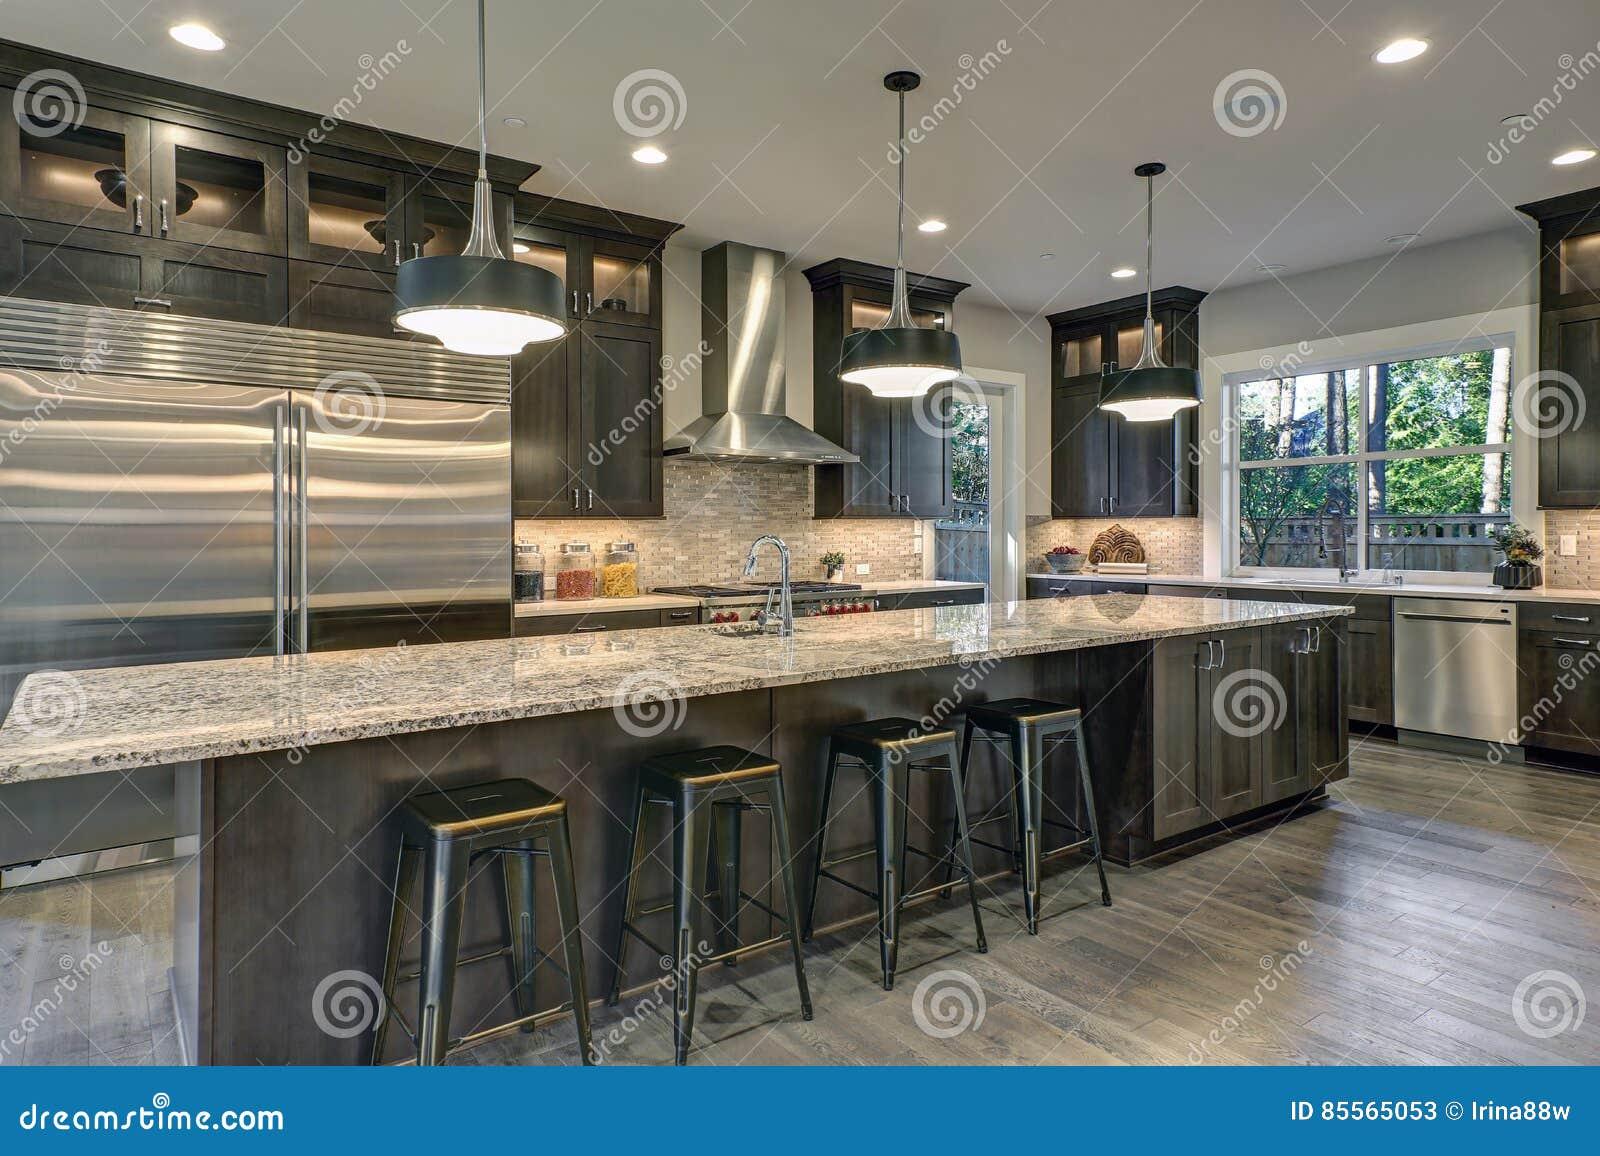 Moderne Kuche Mit Braunen Kuchenschranken Stockbild Bild Von